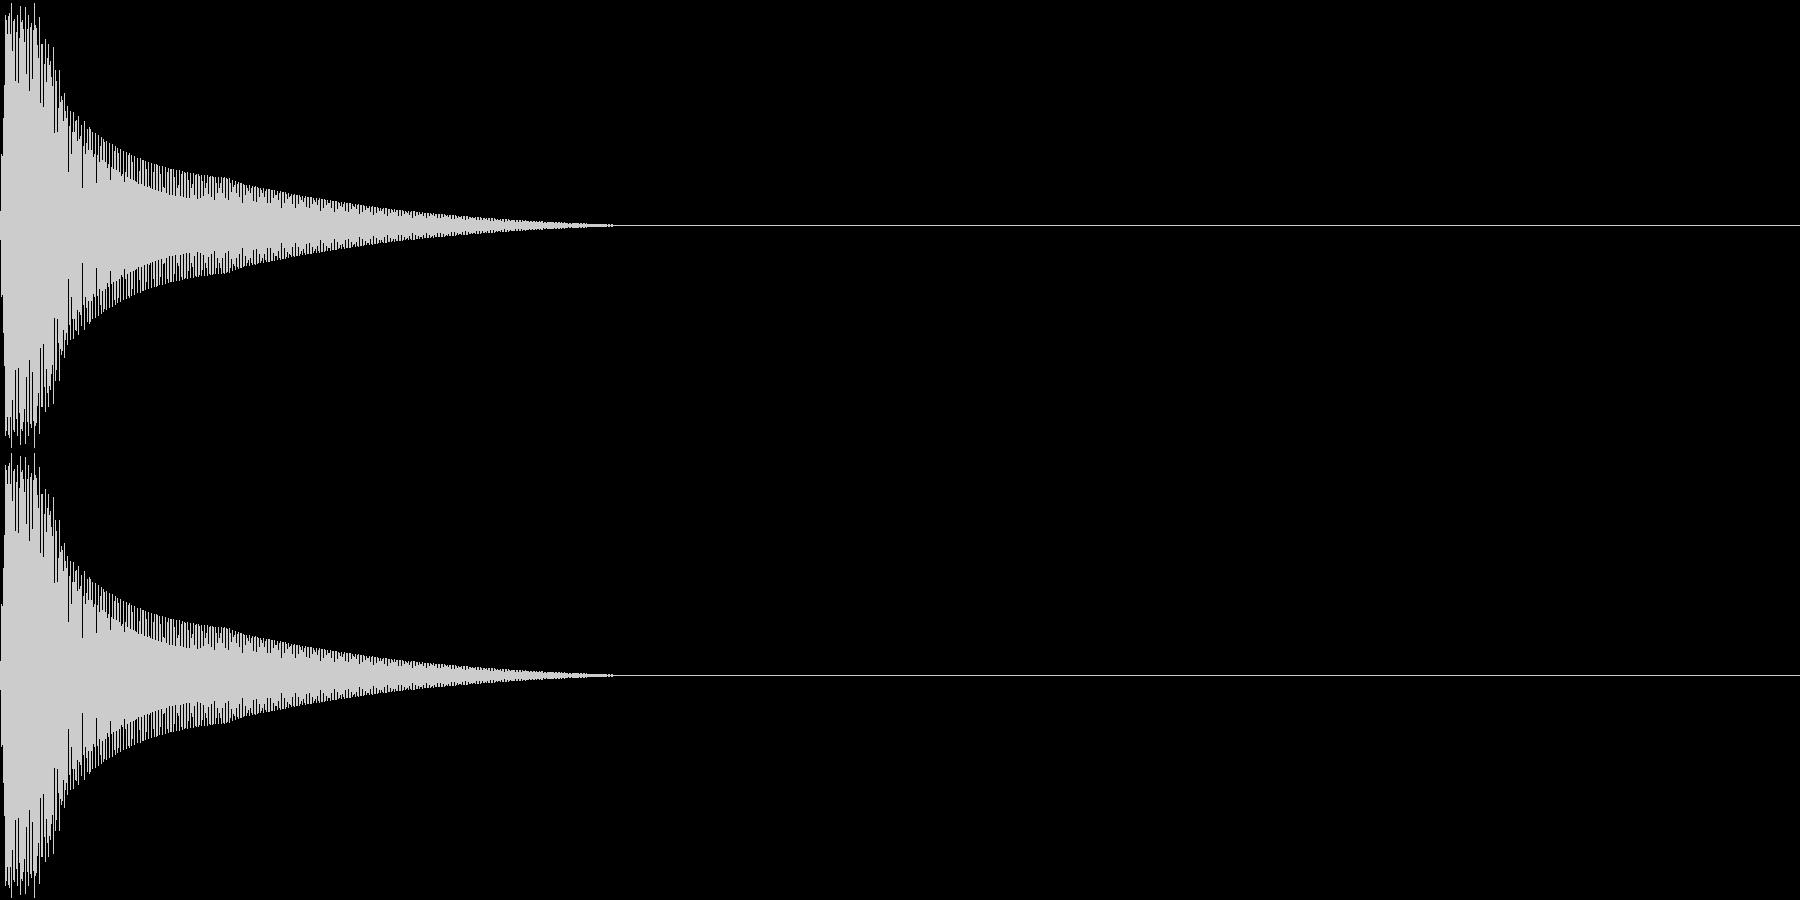 PureTouch アプリ用タッチ音 5の未再生の波形